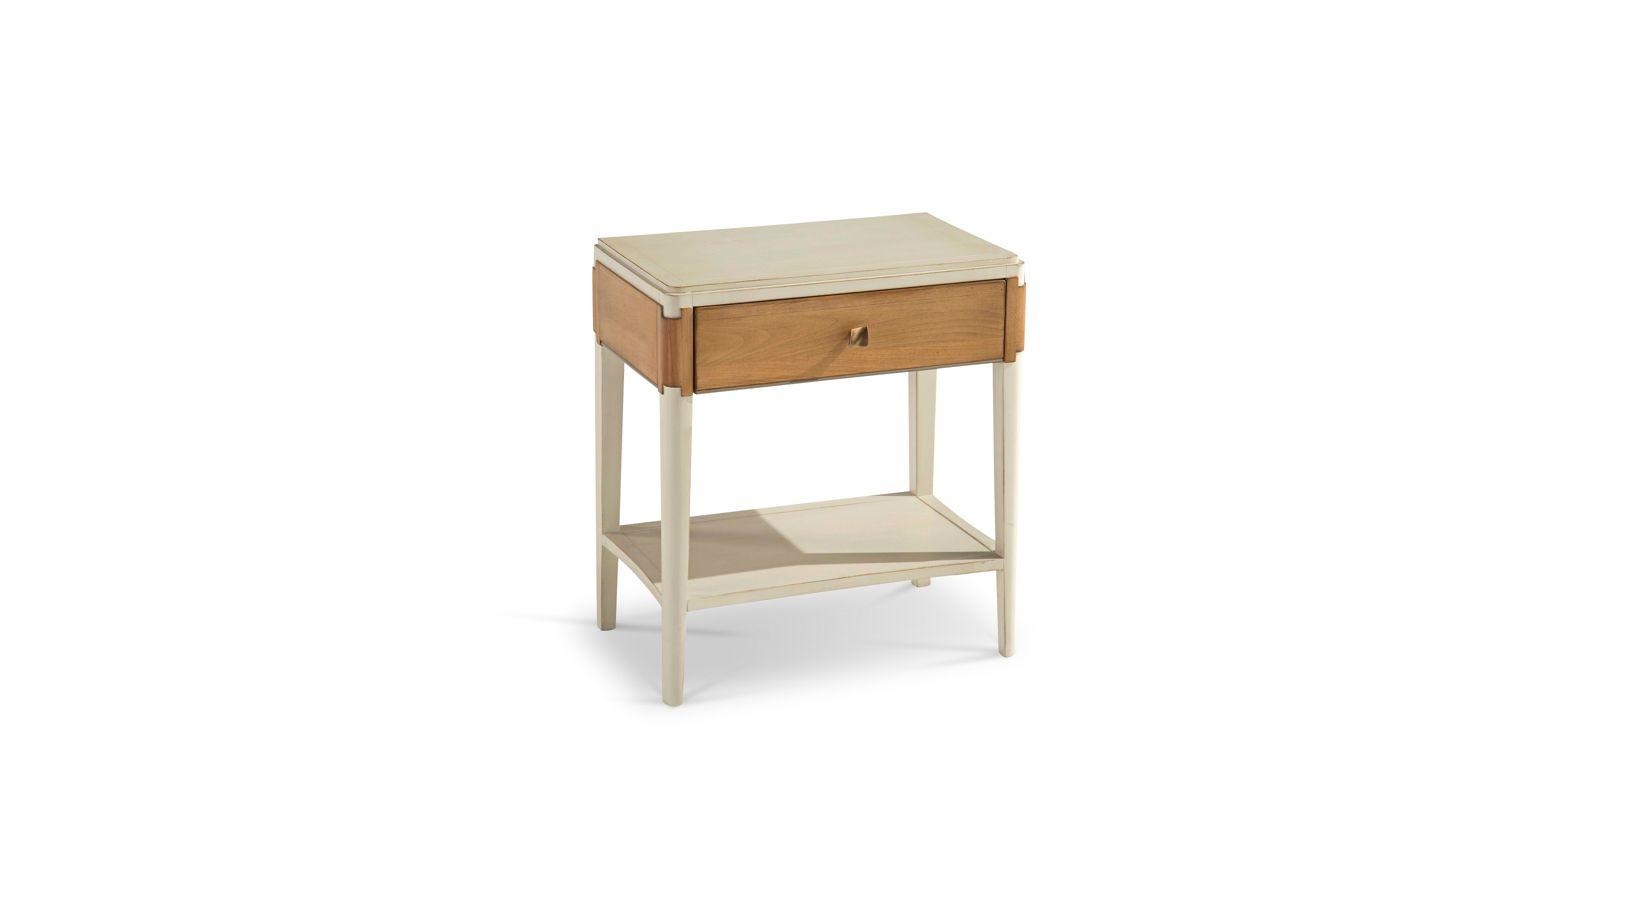 claridge chevet collection nouveaux classiques roche bobois. Black Bedroom Furniture Sets. Home Design Ideas